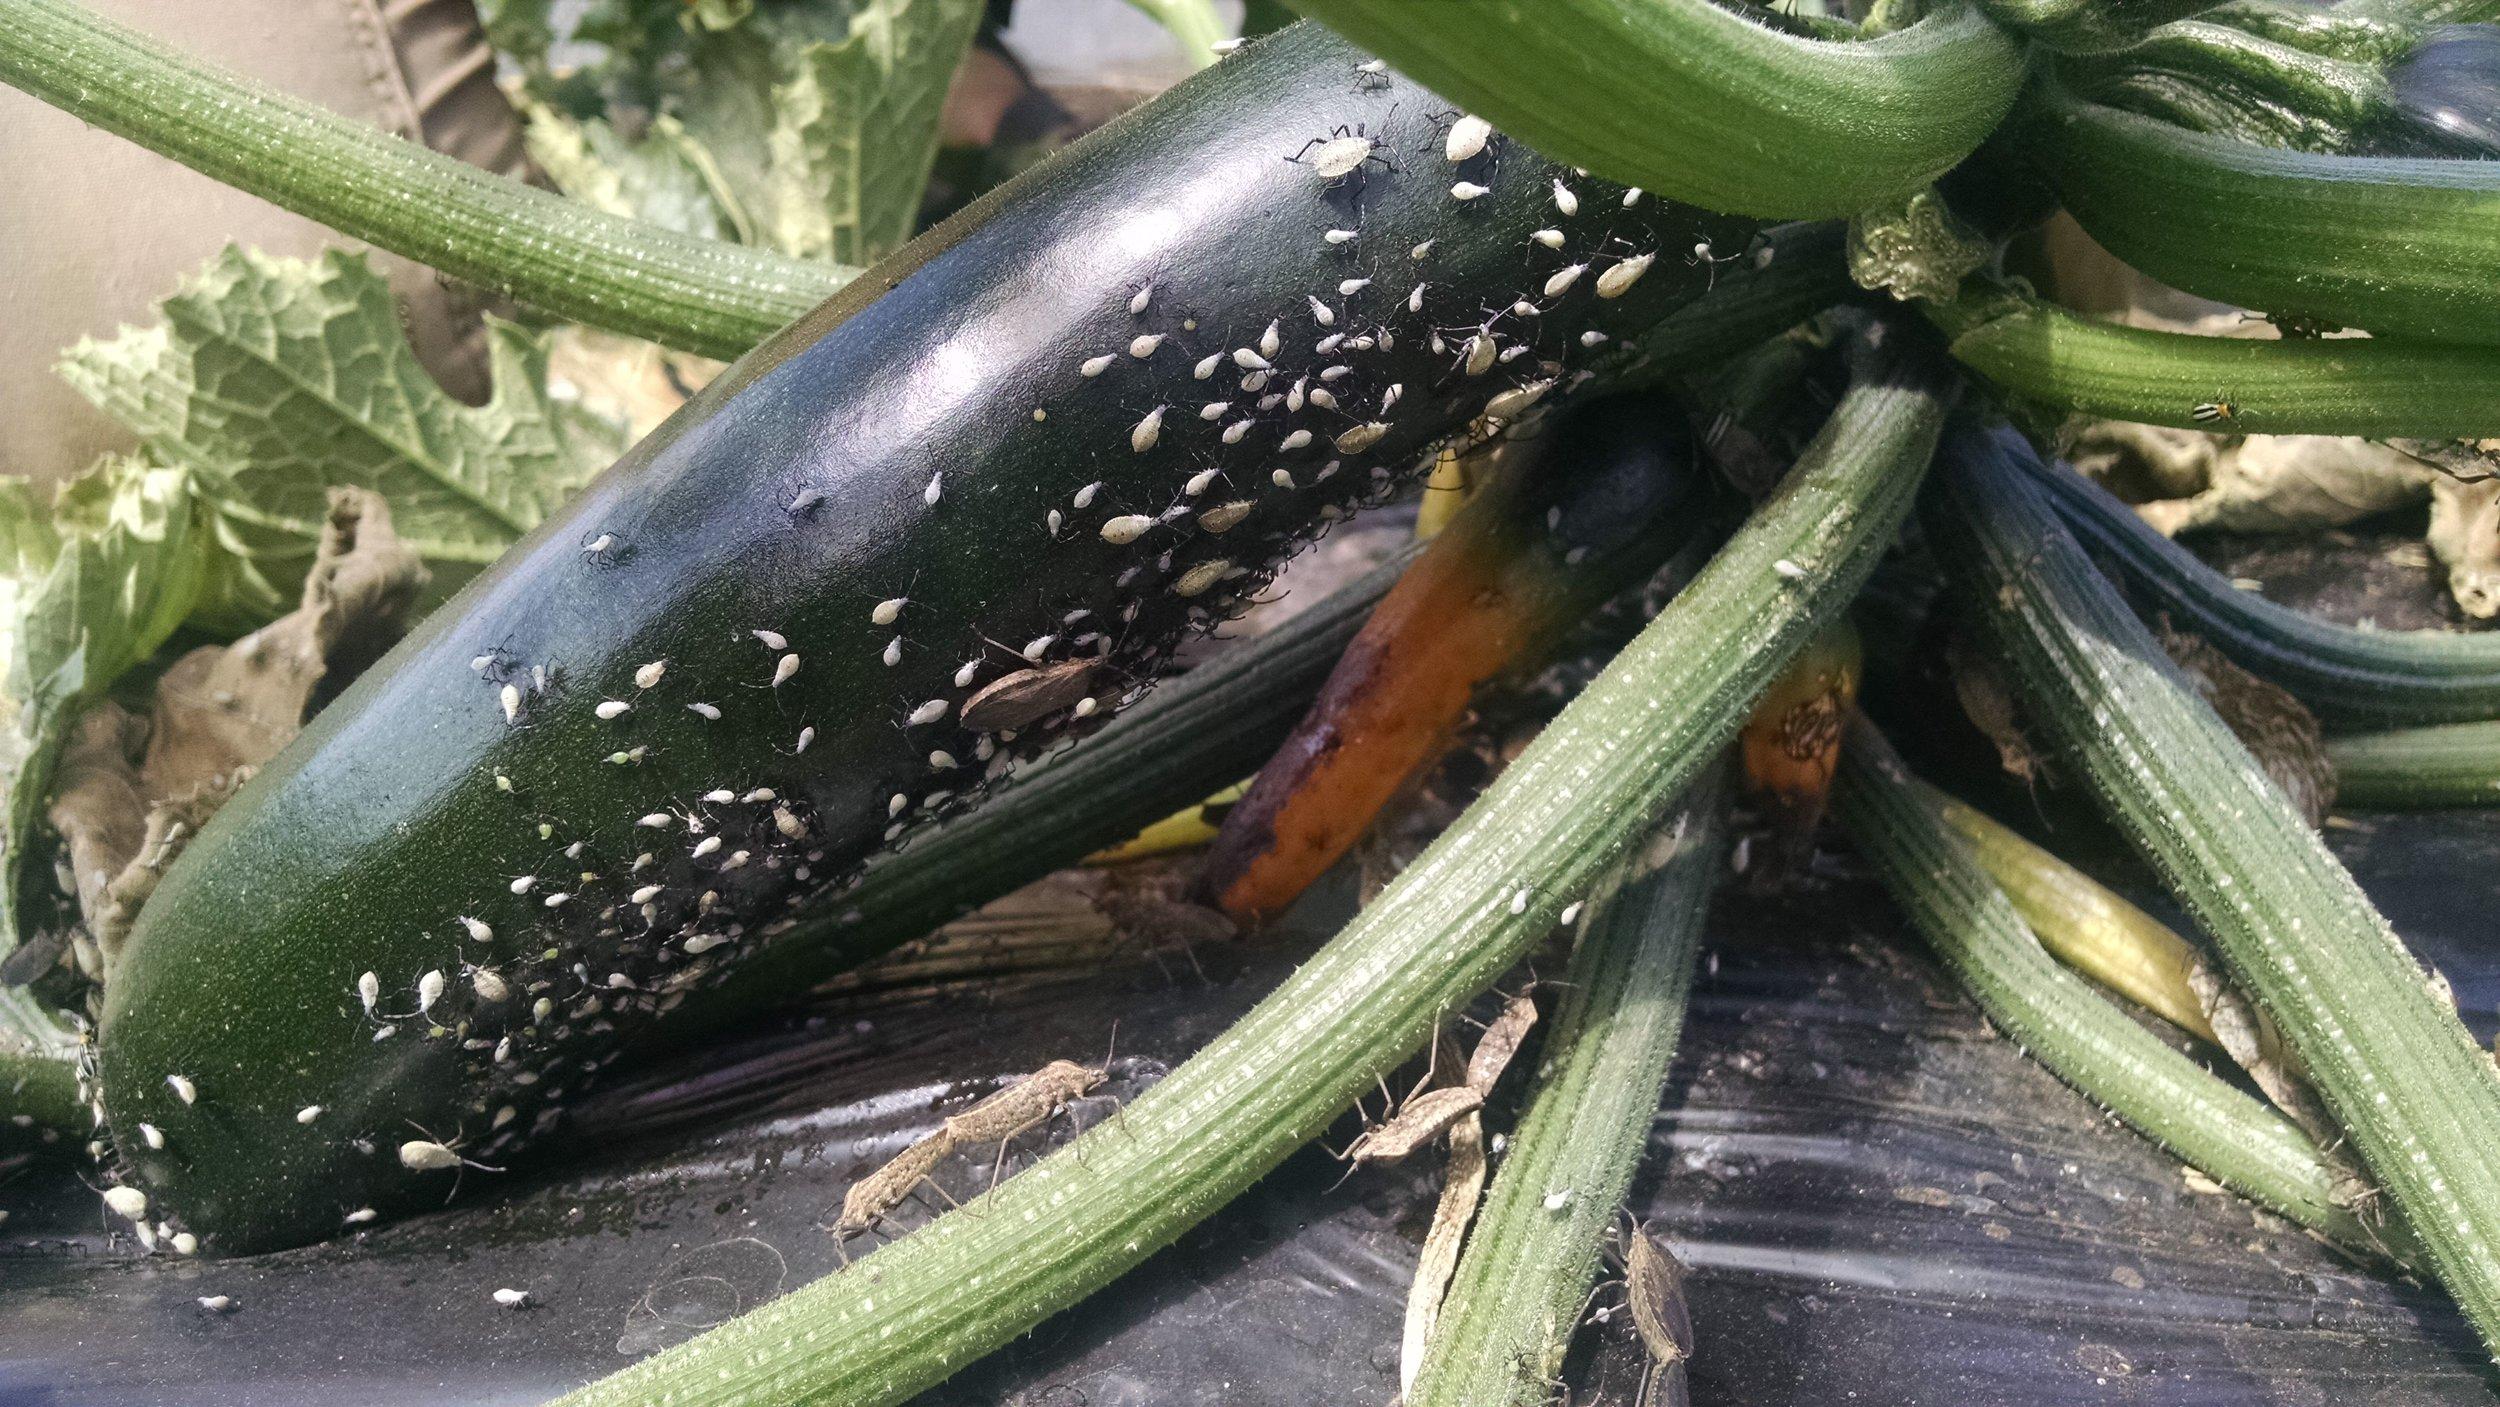 Squash bugs on otherwise beautiful zucchini